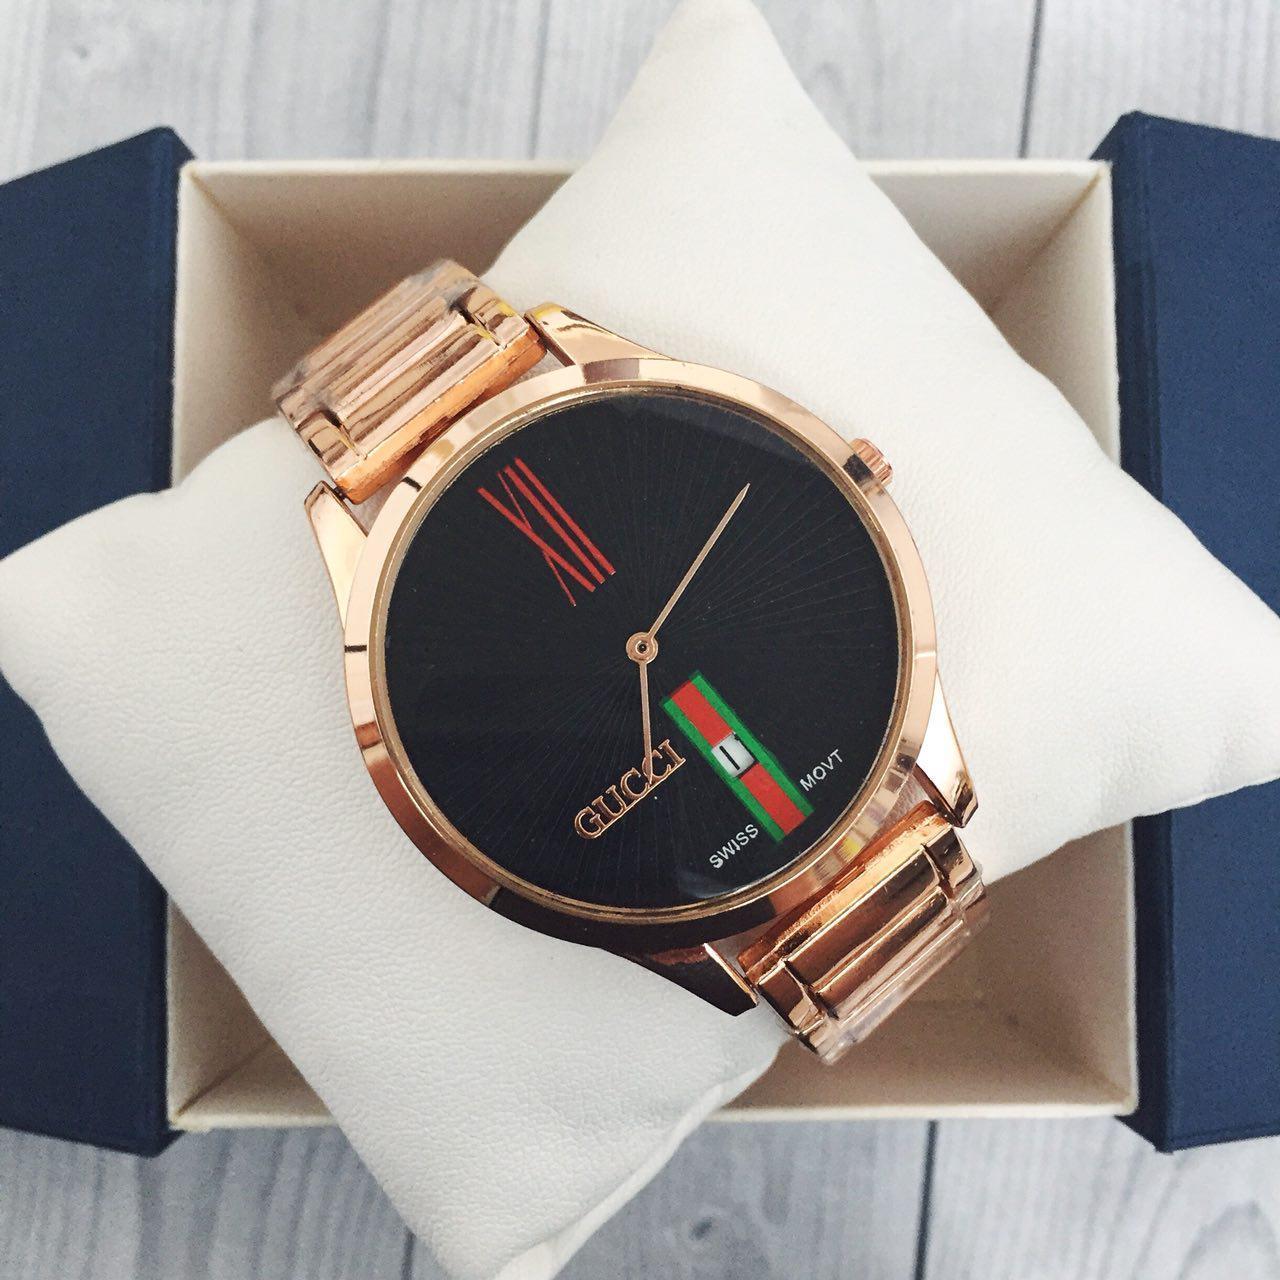 Наручные женские часы Gucci 9201 Cuprum-Black